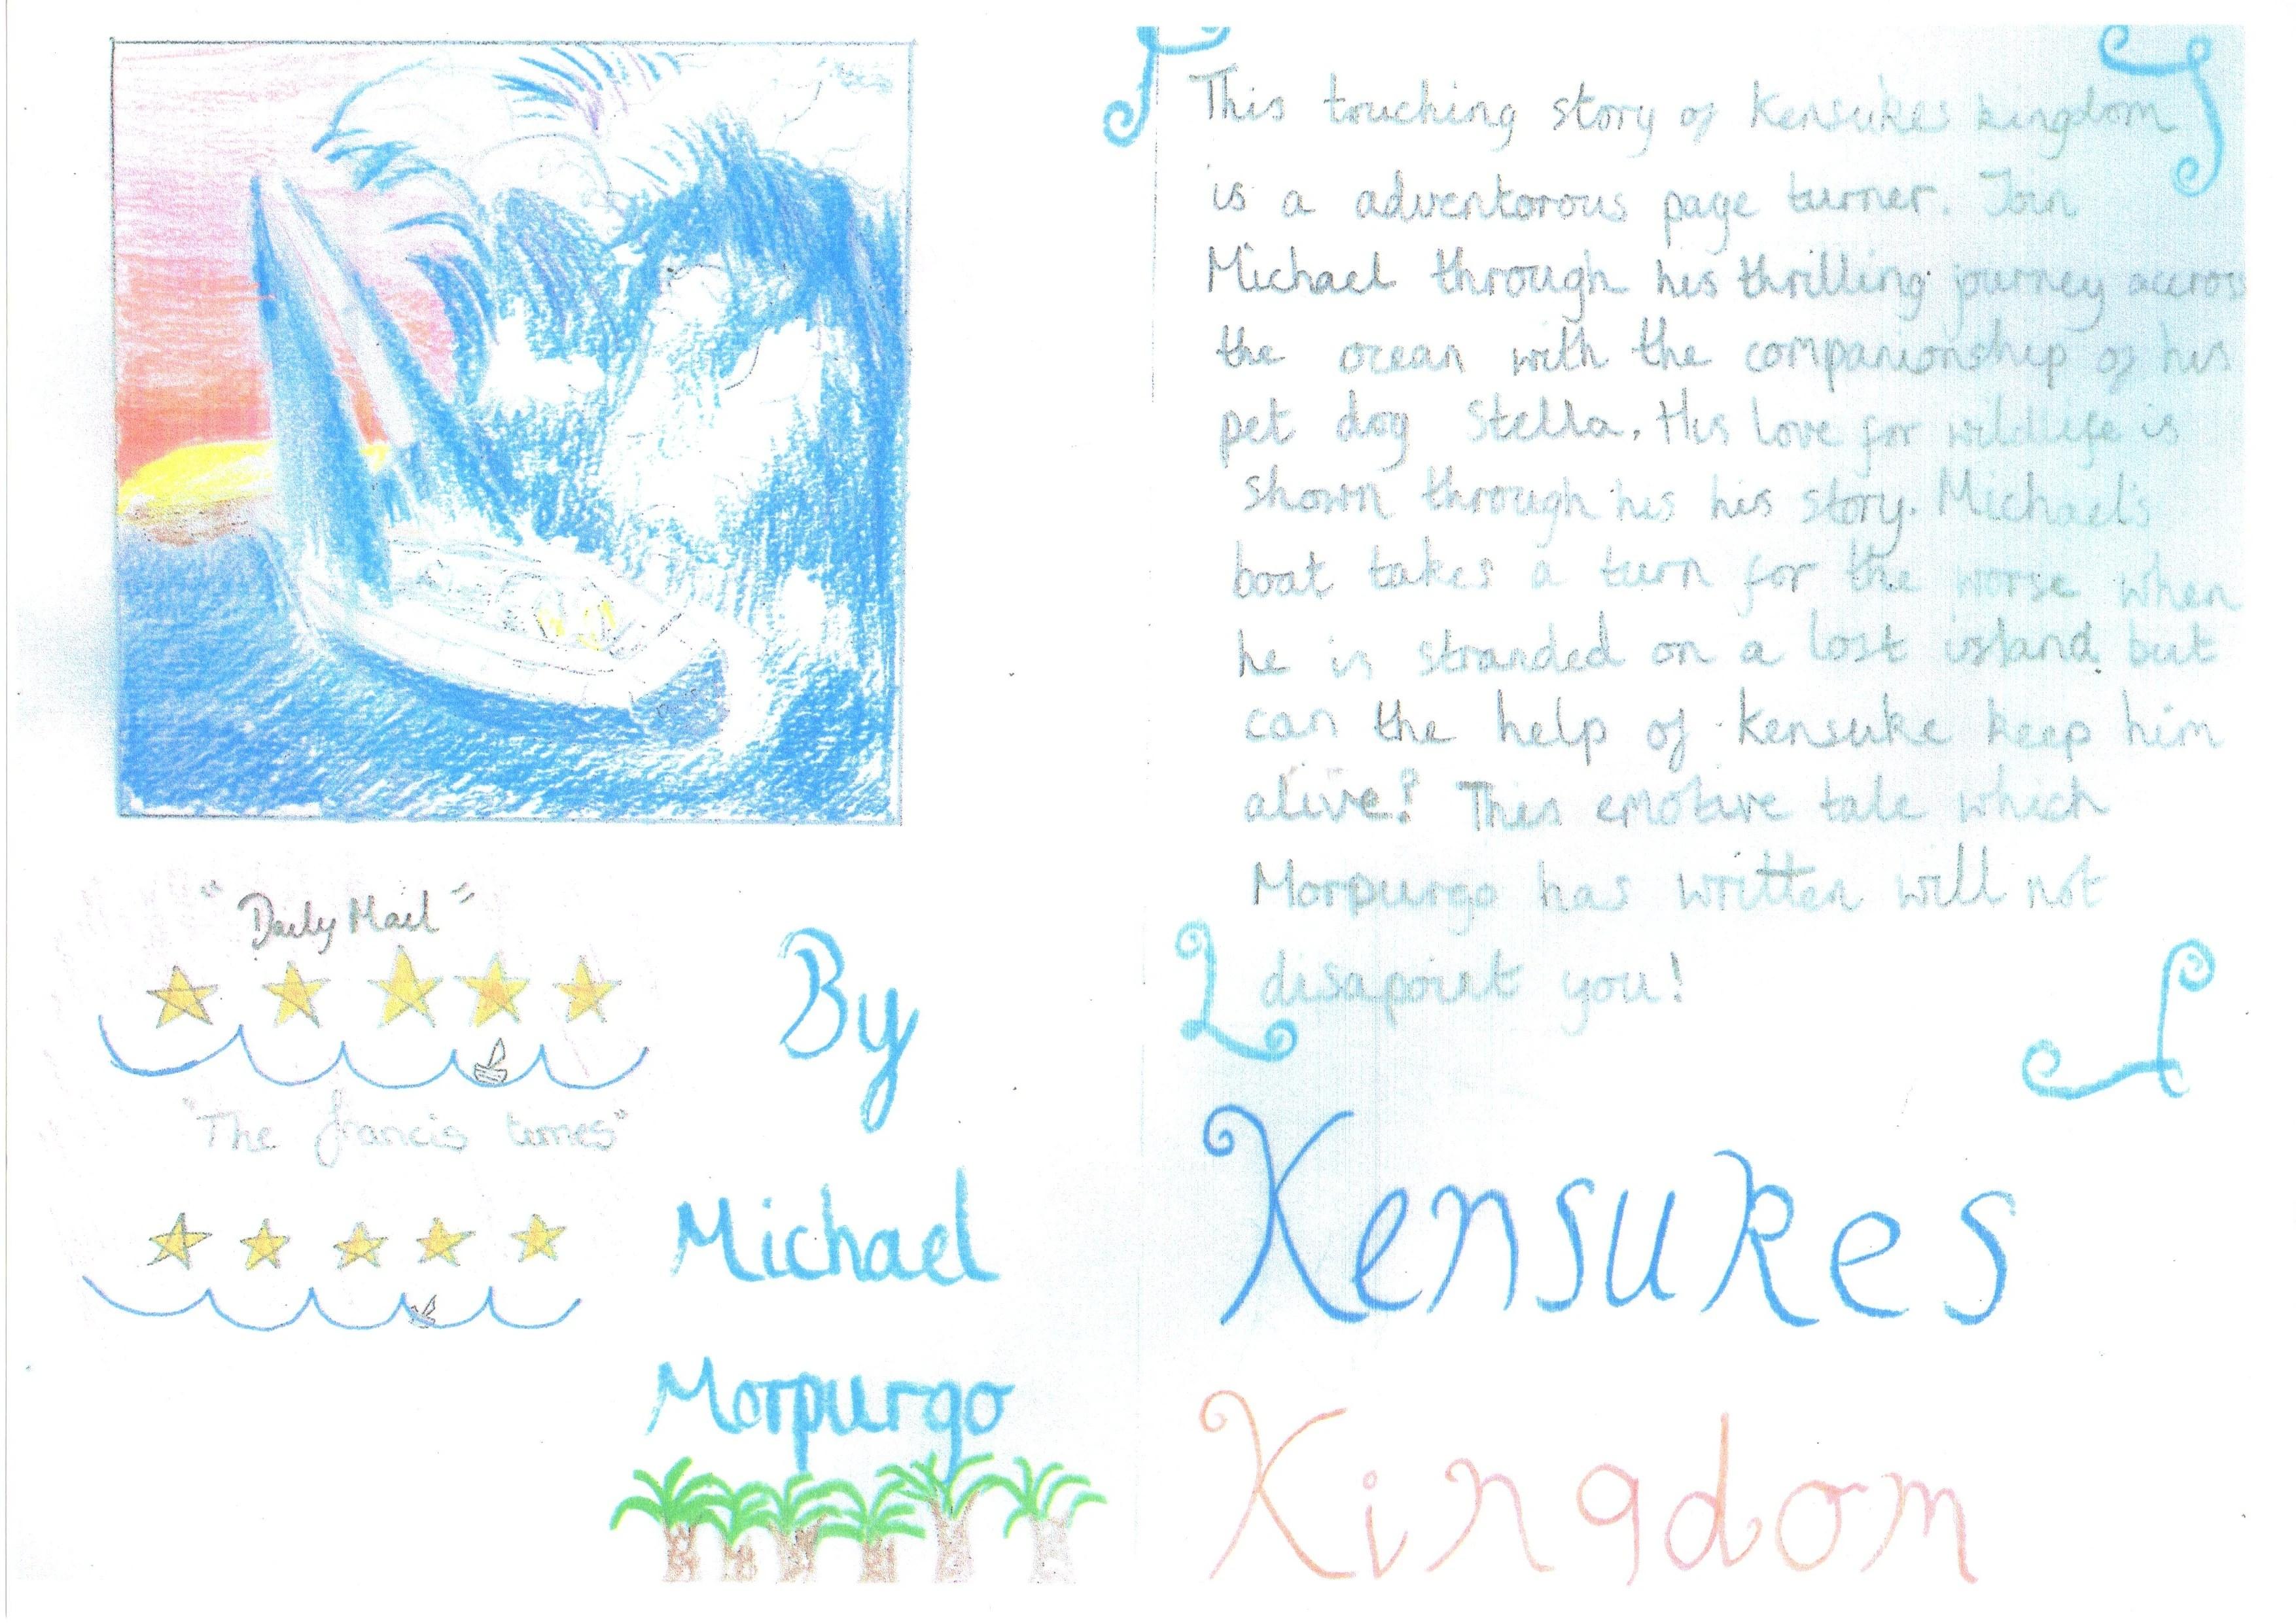 Kensuke S Kingdom